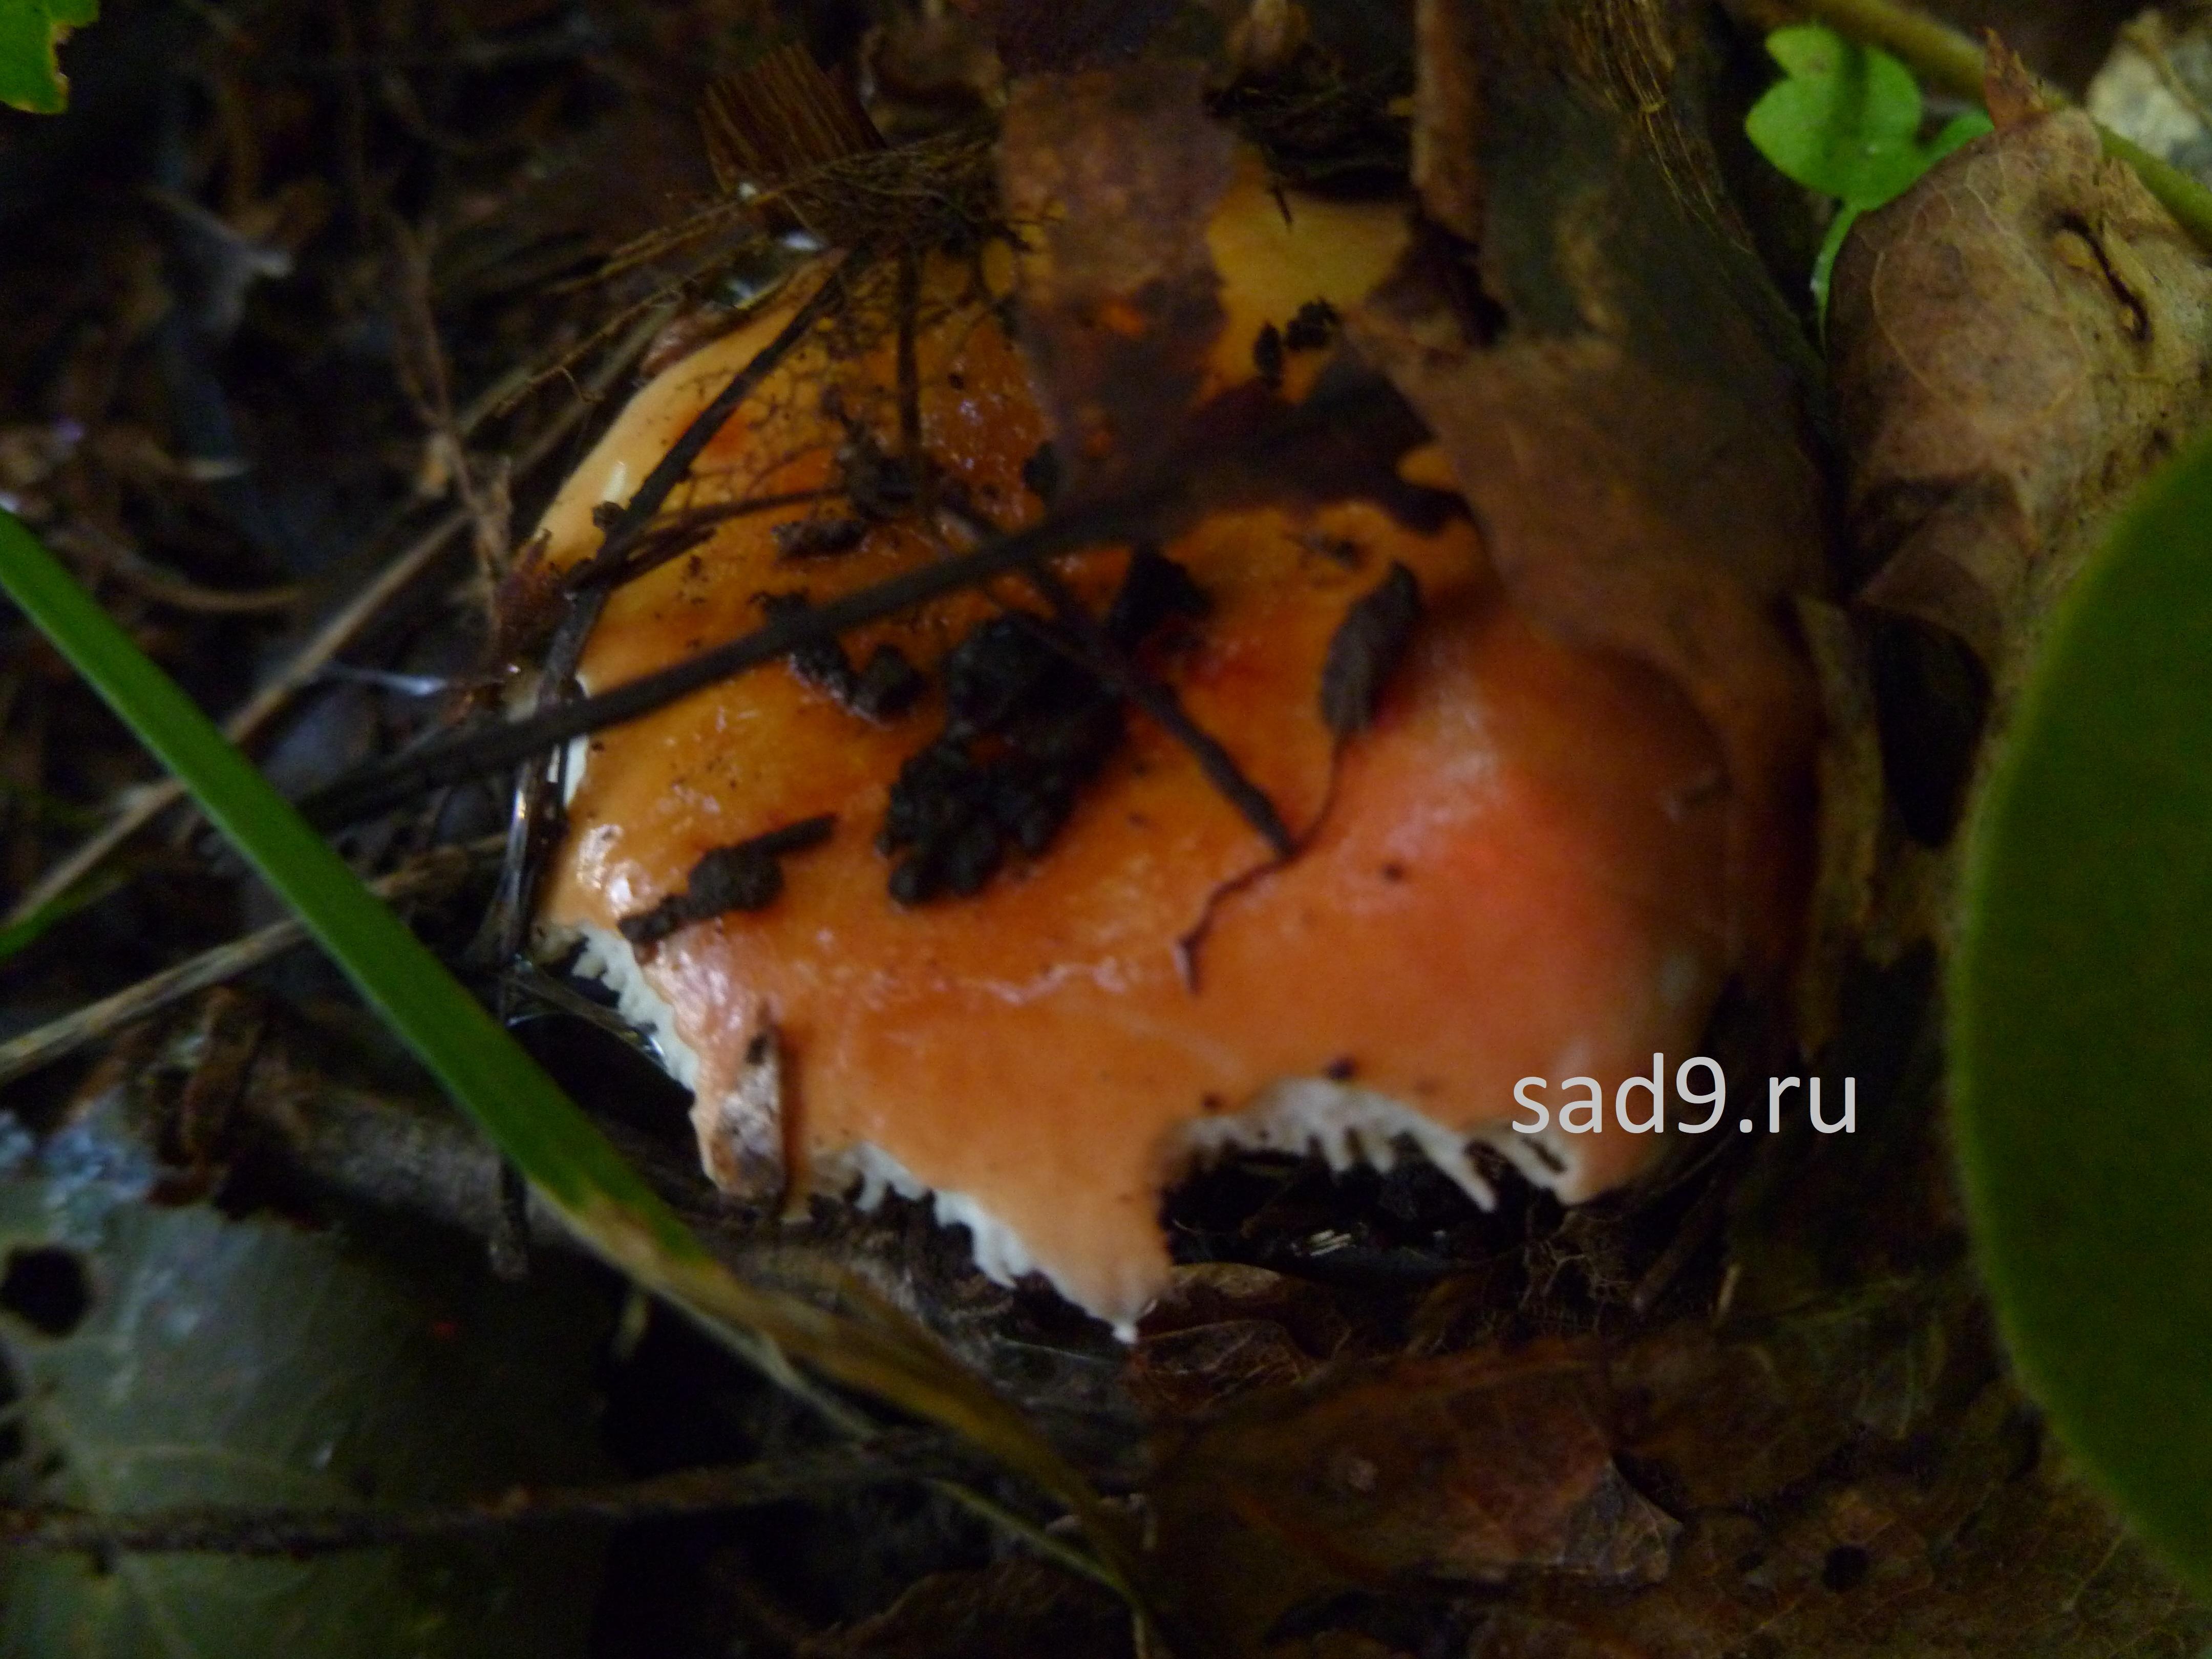 Картинки грибов съедобных - синявка или сыроежка